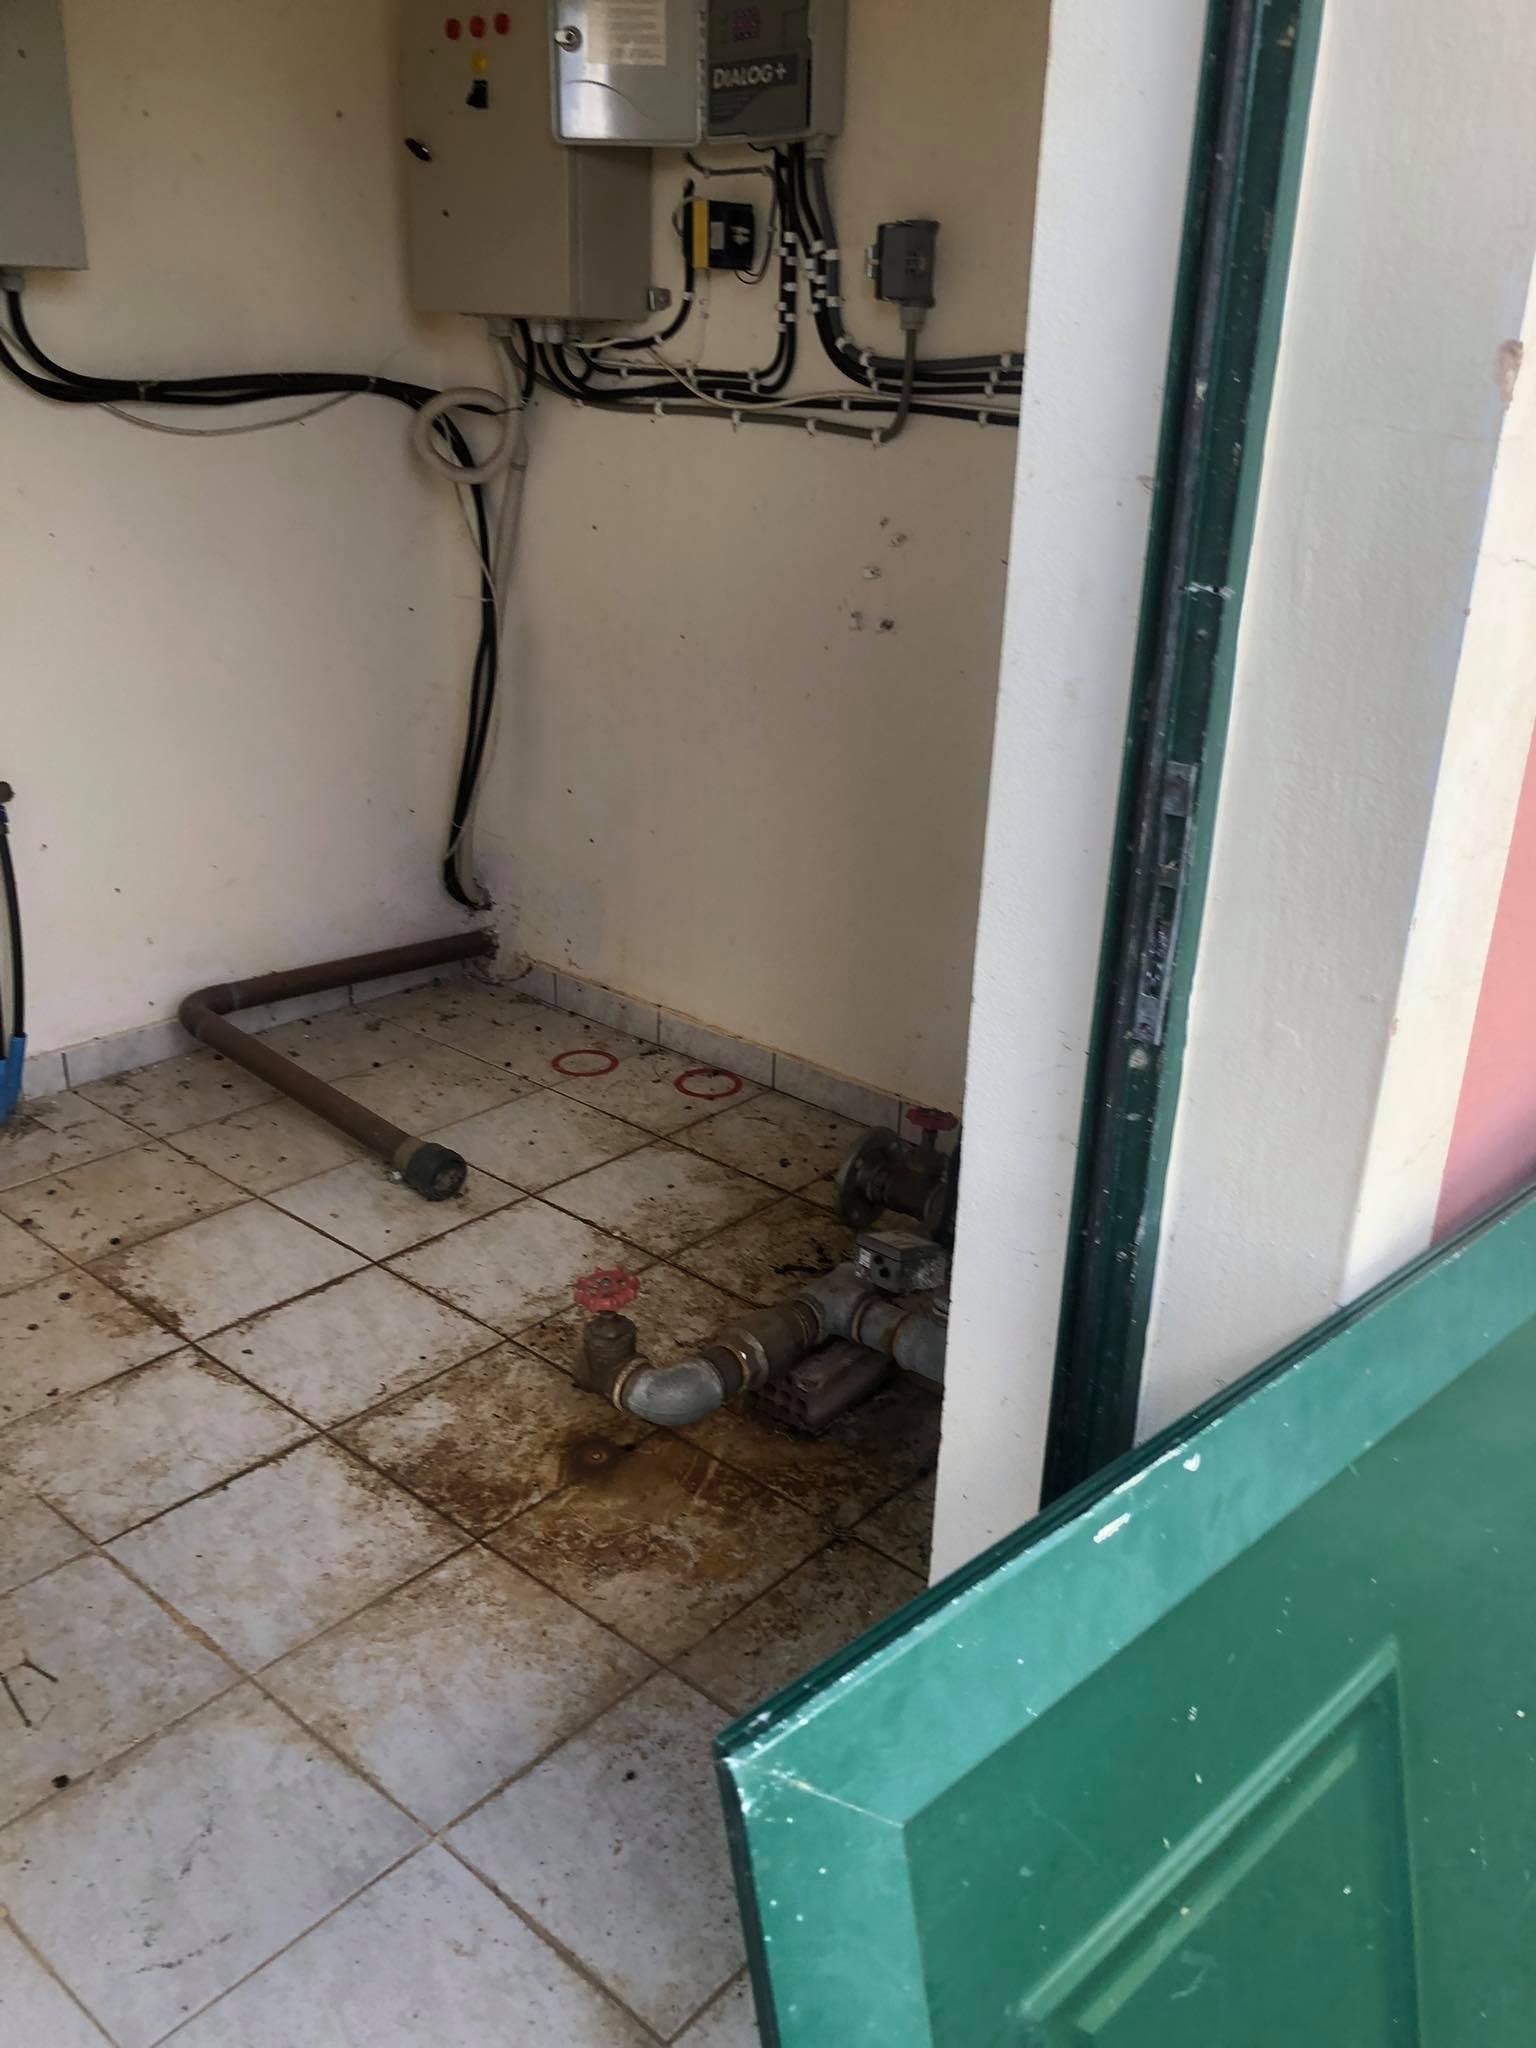 Γιάννης Πετράτος  Ισχυρή Κεφαλονιά: Κατεστραμμένο μετά από ενάμιση χρόνο απόλυτης εγκατάλειψης το καινούριο γήπεδο Τζαννάτων [εικόνες]